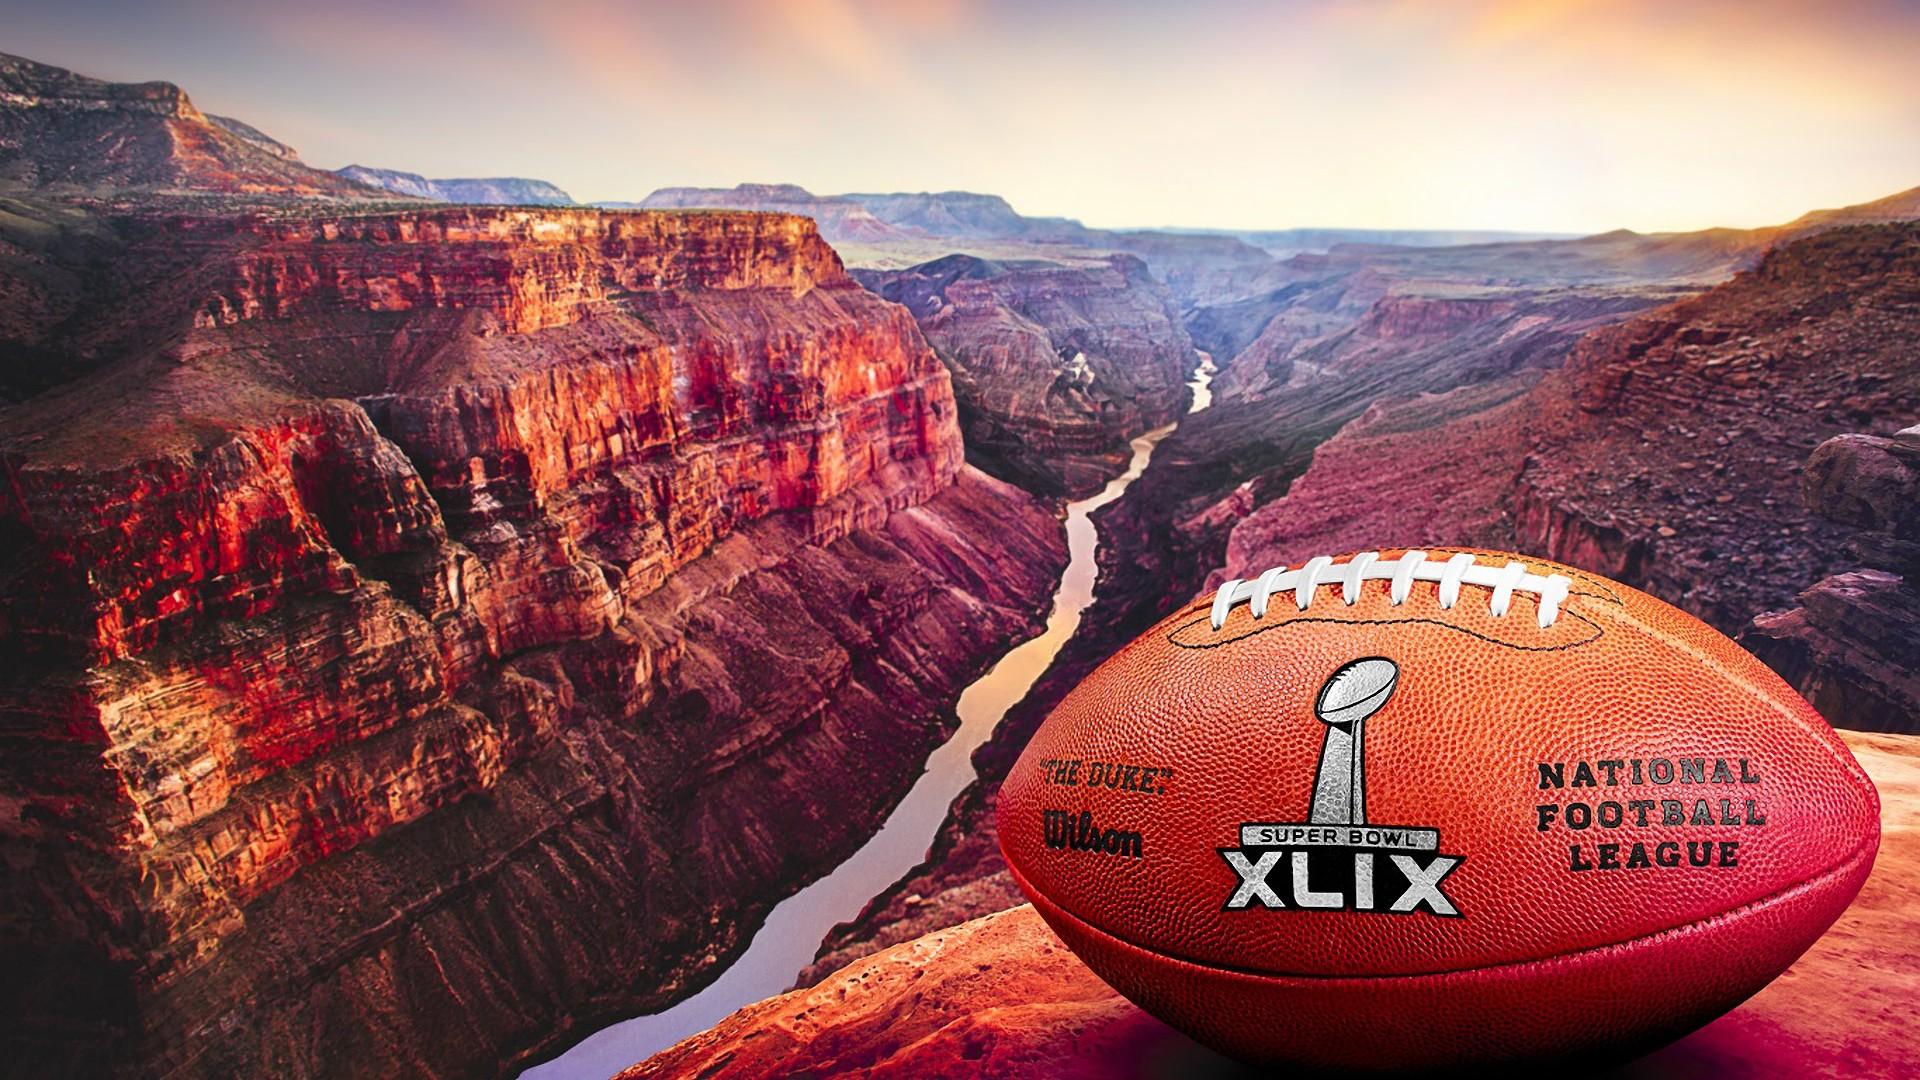 Download 2015 Super Bowl XLIX American Football Wallpaper Search more 1920x1080